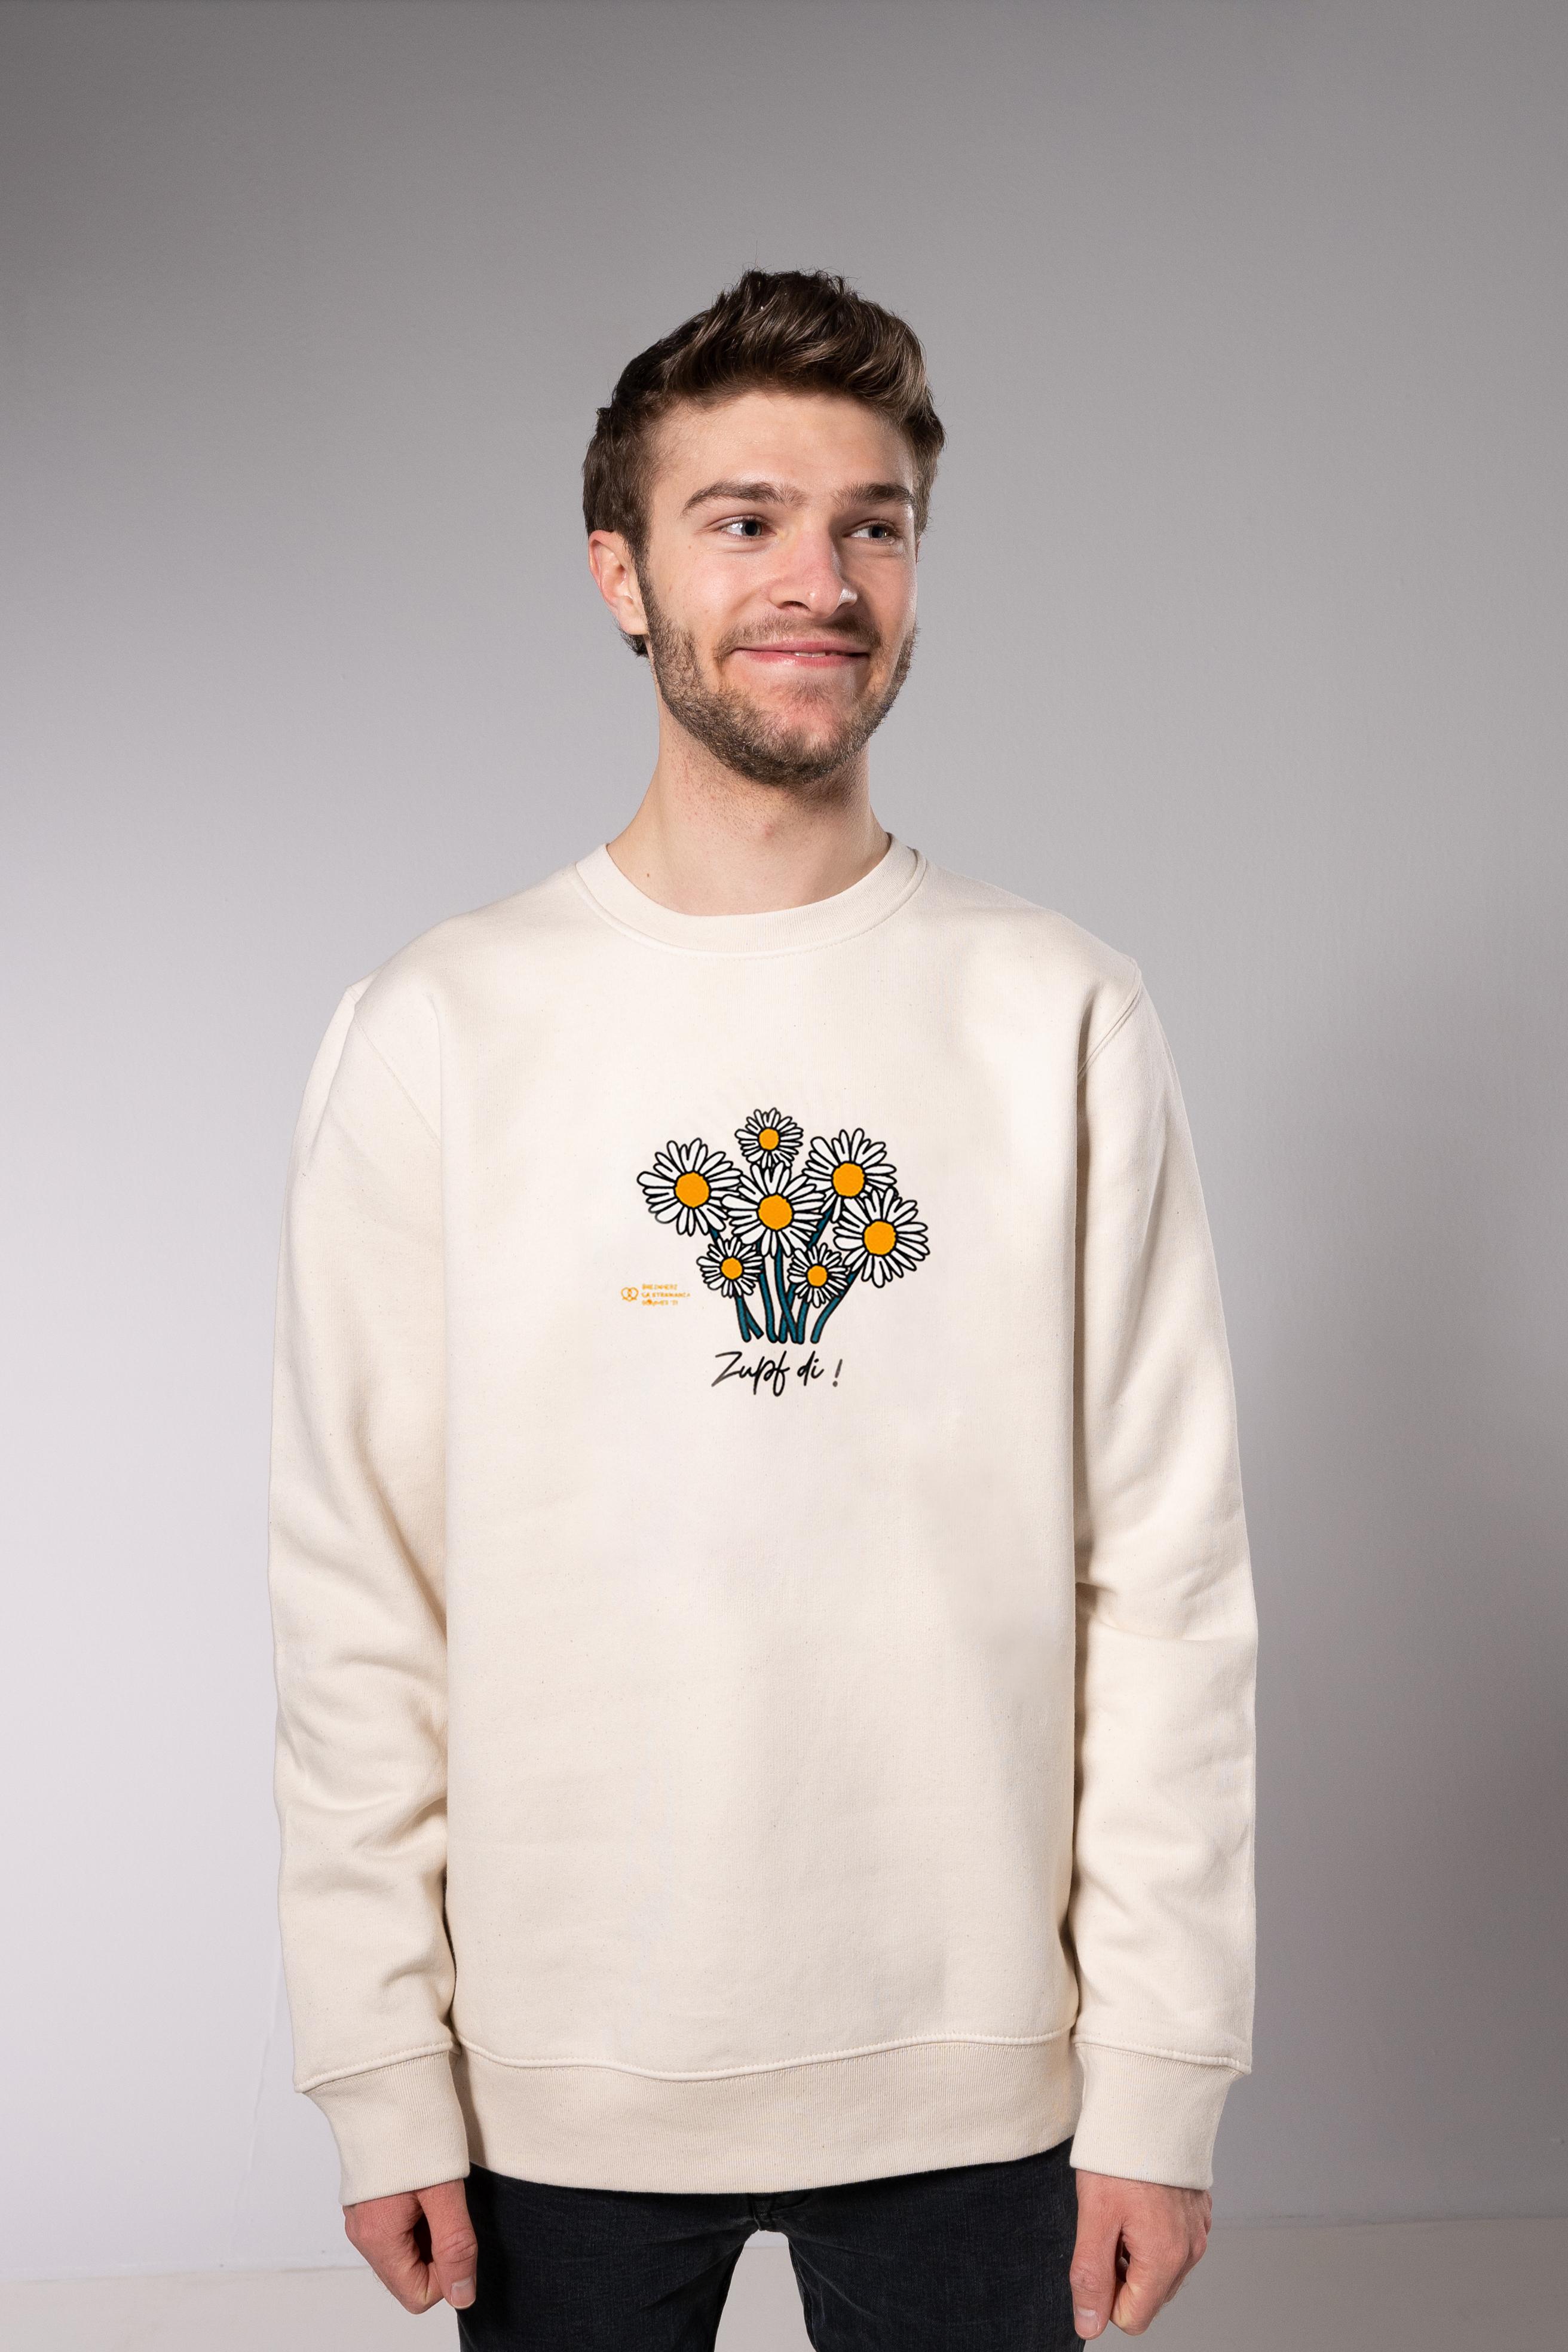 Zupf di Sweater